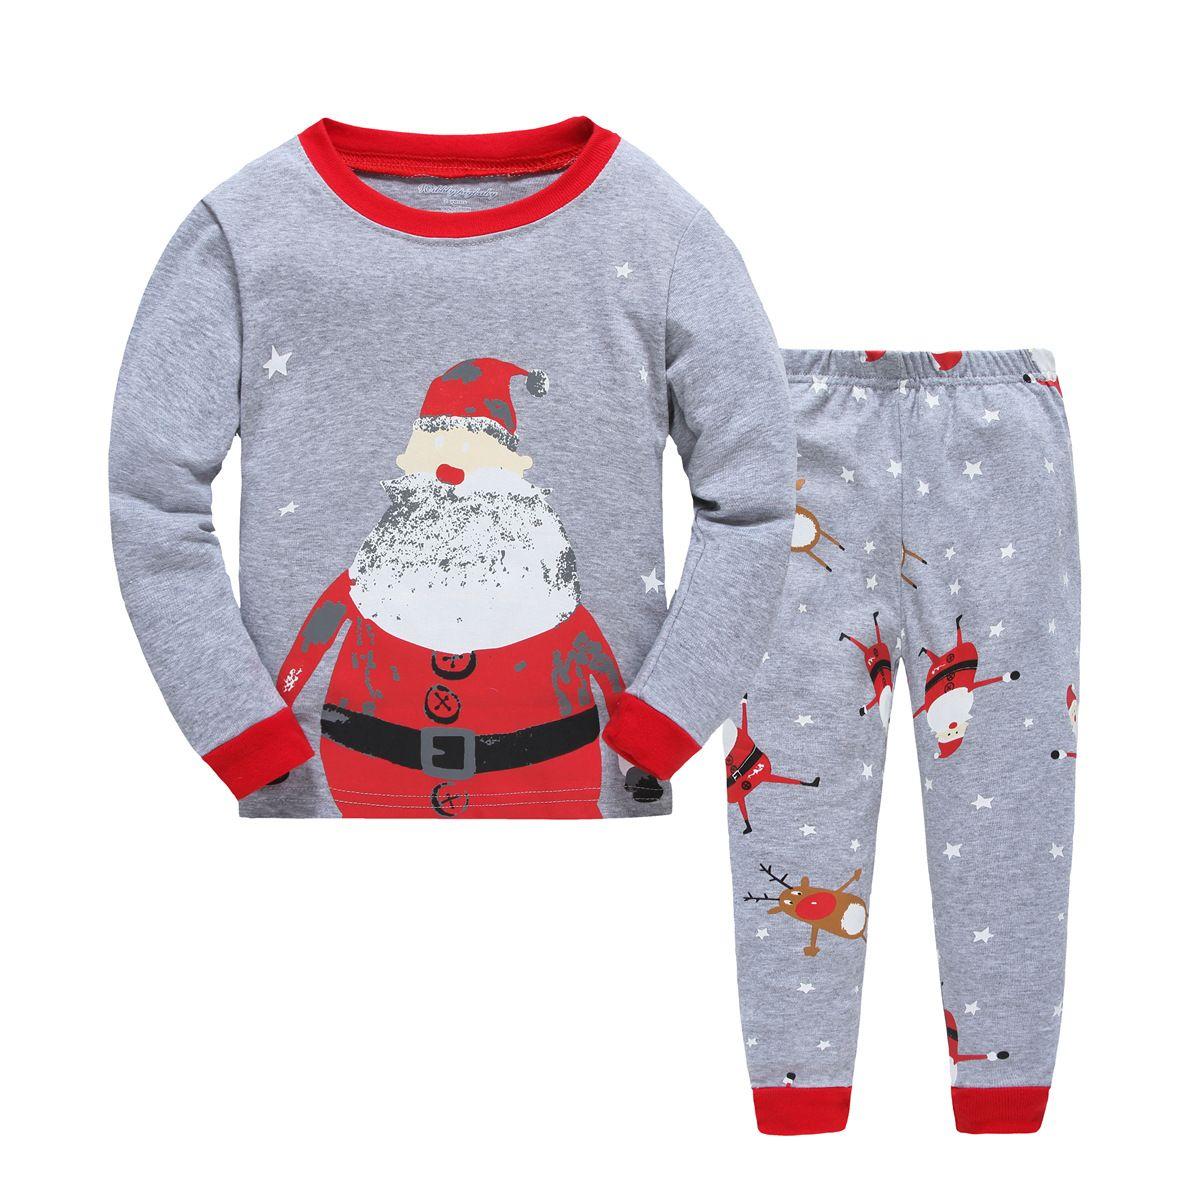 1275032dad Compre Hotsale Pijamas De Navidad Pijamas Para Bebés Niños Big Barba Santa  Cláusula Conjunto Ropa De Dormir 100% Algodón Homewear 2017 Otoño Invierno  Venta ...